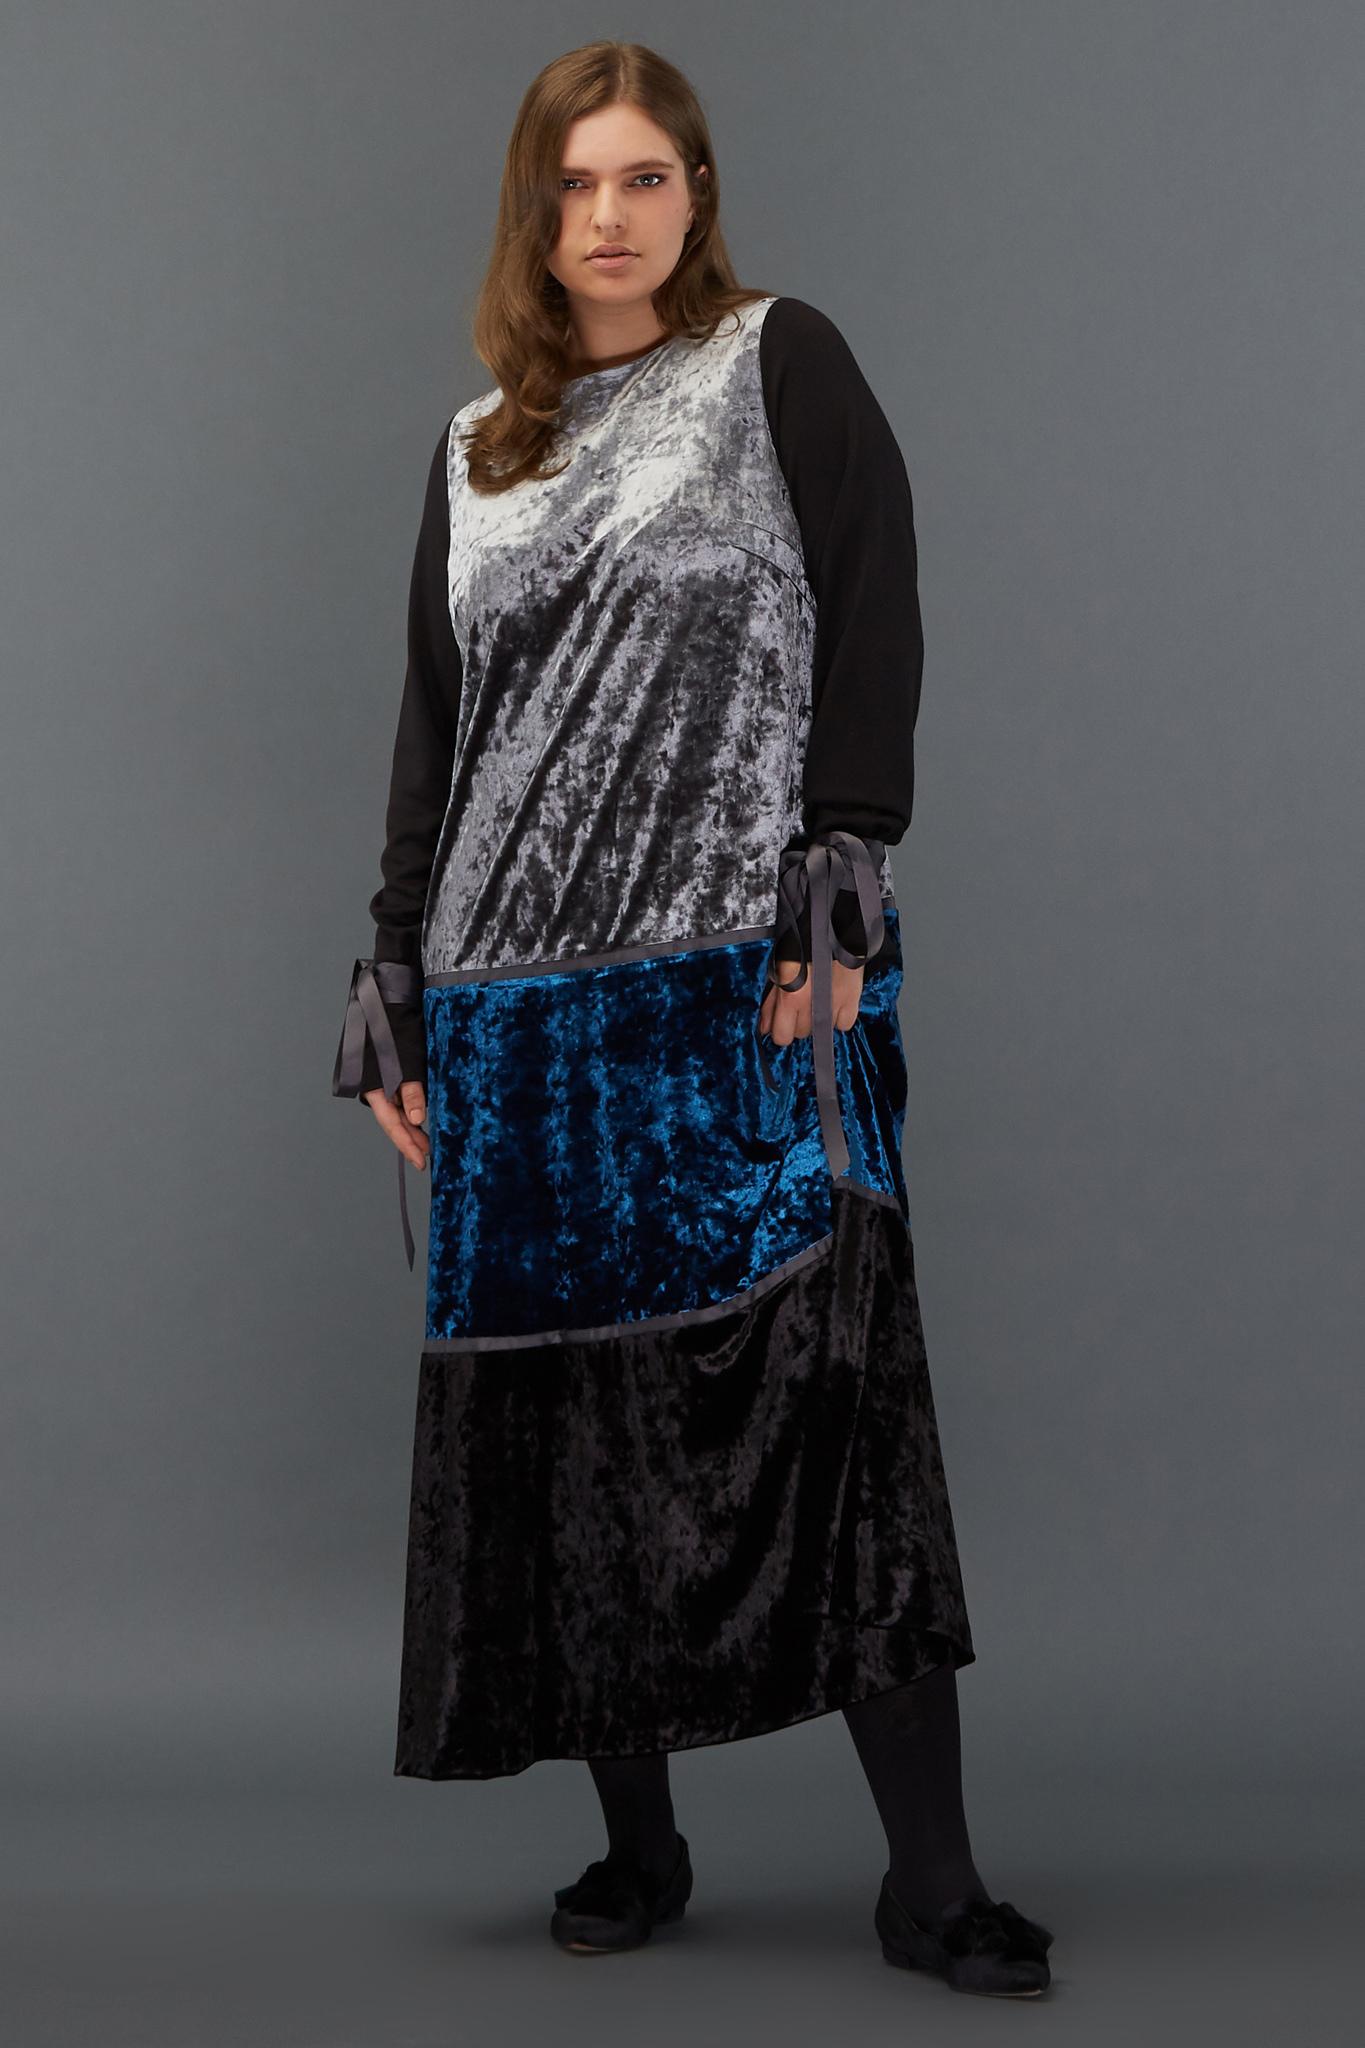 Платье бархатное LE-09 D09 06/20Платья<br>Что сделала бы любая из сказочных принцесс, чудесным образом оказавшись в нашем мире? Конечно, сменила бы свой неудобный наряд на это платье! Бархатное, длинное, слегка прилегающее, закрытое, как средневековые одежды, с округлой горловиной и контрастными по фактуре рукавами, перехваченными лентами у запястий… Оно сочетает в себе три небанальных цвета и может стать прекрасной компанией как для лаковых туфель, так и для кроссовок - ведь современные принцессы выбирают комфорт.  Рост модели на фото 178 см, размер 54 (российский).<br>